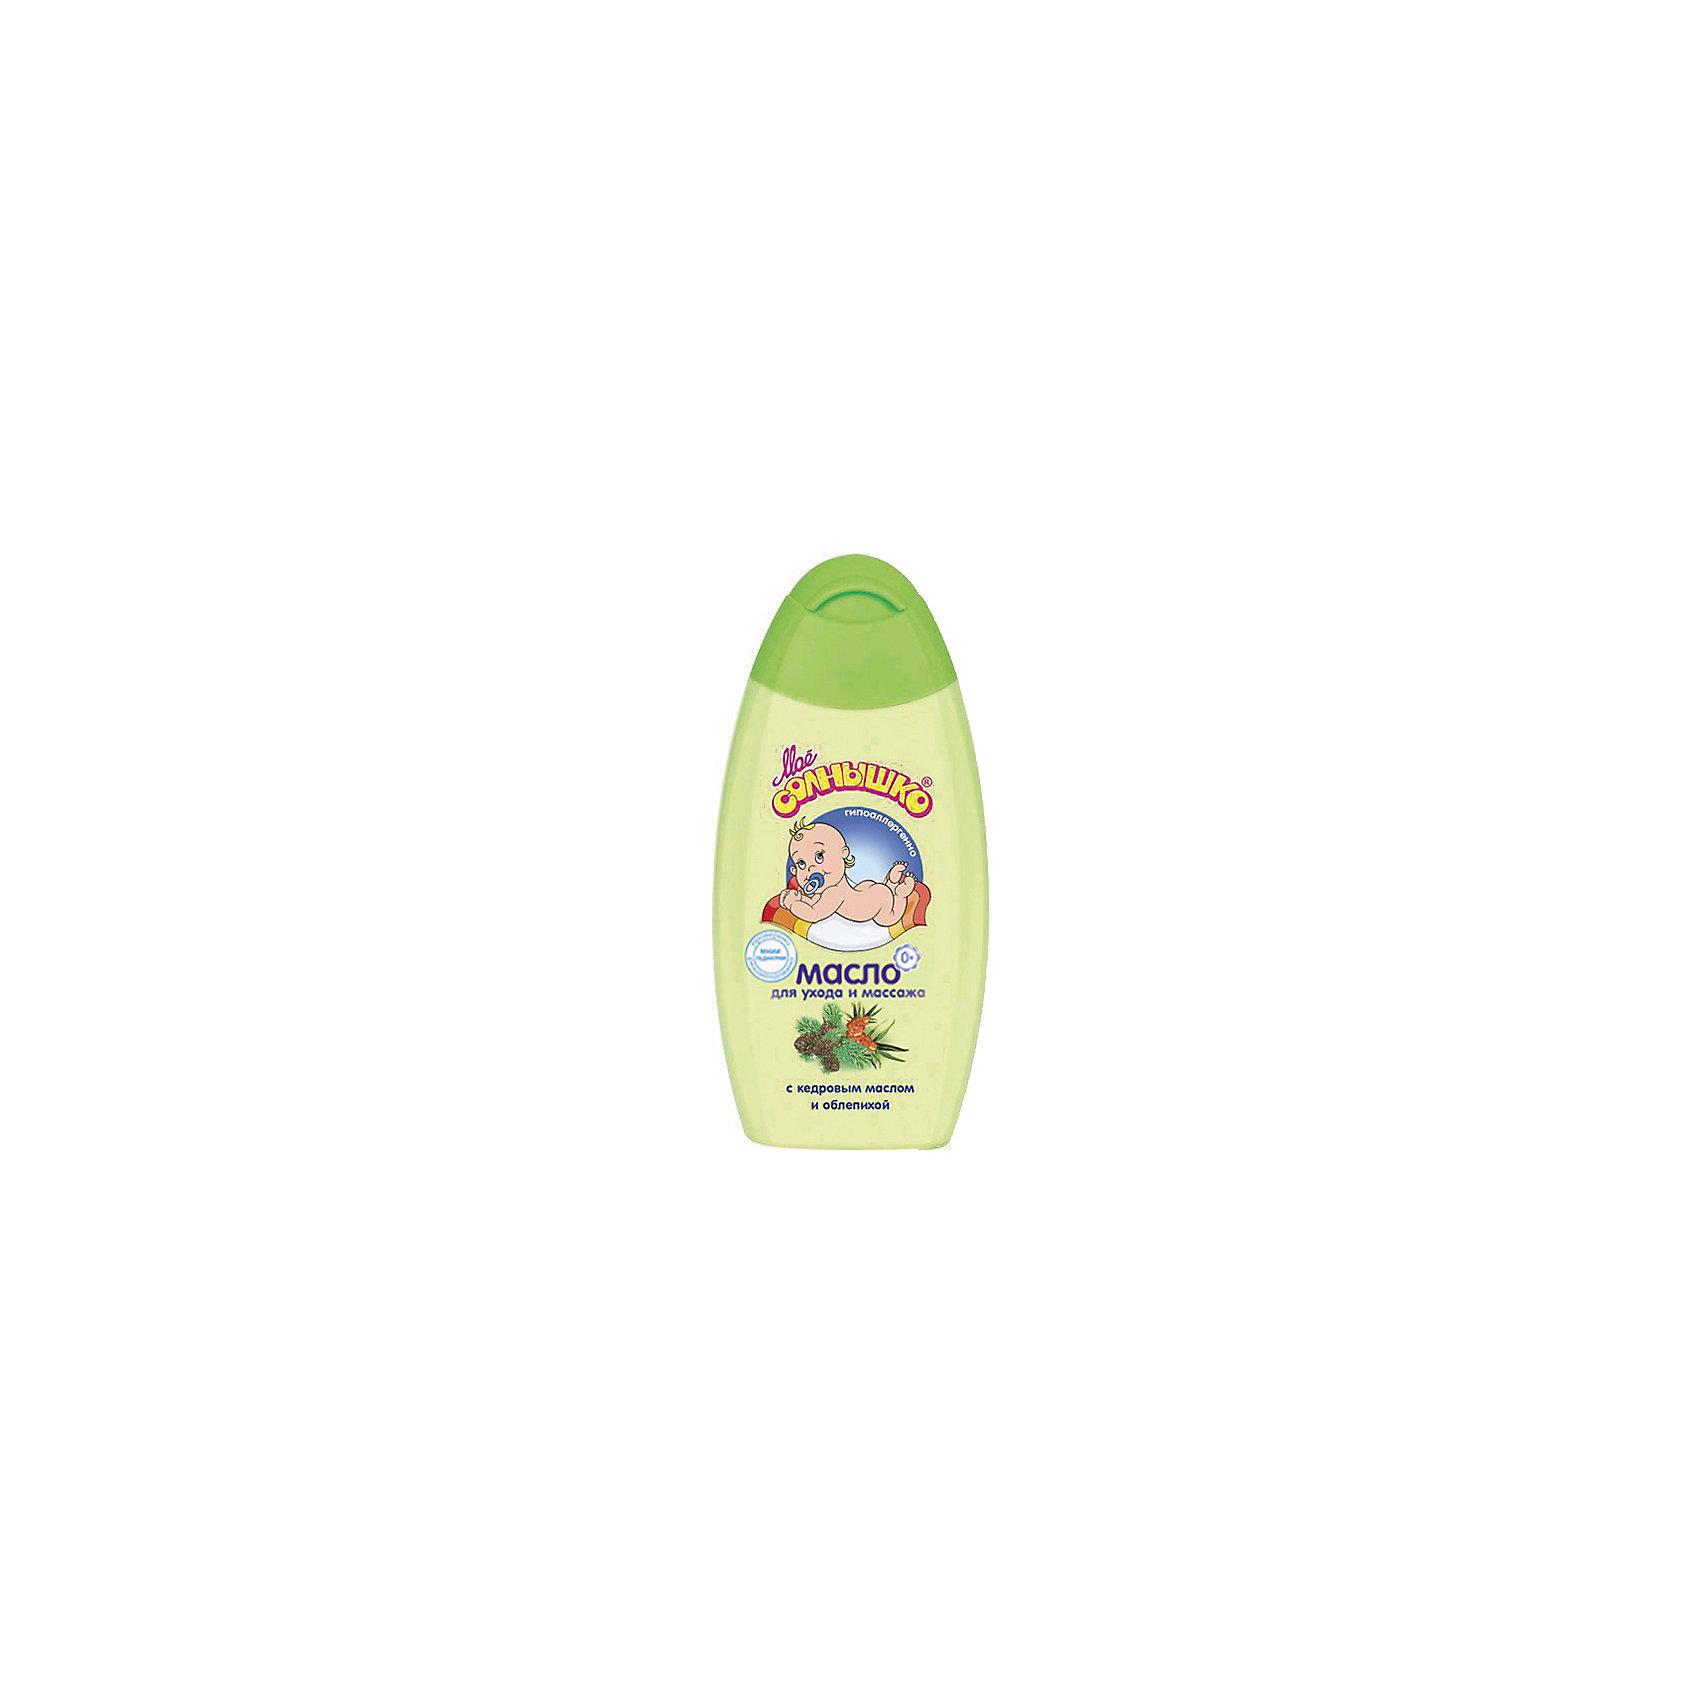 Масло для массажа 200 мл, Моё солнышкоКосметика для младнецев<br>Масло облепихи и витамин Е обладают восстанавливающим и защитным действием на кожу. Комплекс масел кедрового ореха и кедрового стланика обладает приятным ароматом, который благотворно влияет на дыхательные пути, способствует активизации кровообращения и насыщения тканей кислородом.<br><br>Ширина мм: 75<br>Глубина мм: 35<br>Высота мм: 160<br>Вес г: 220<br>Возраст от месяцев: 0<br>Возраст до месяцев: 36<br>Пол: Унисекс<br>Возраст: Детский<br>SKU: 4124448